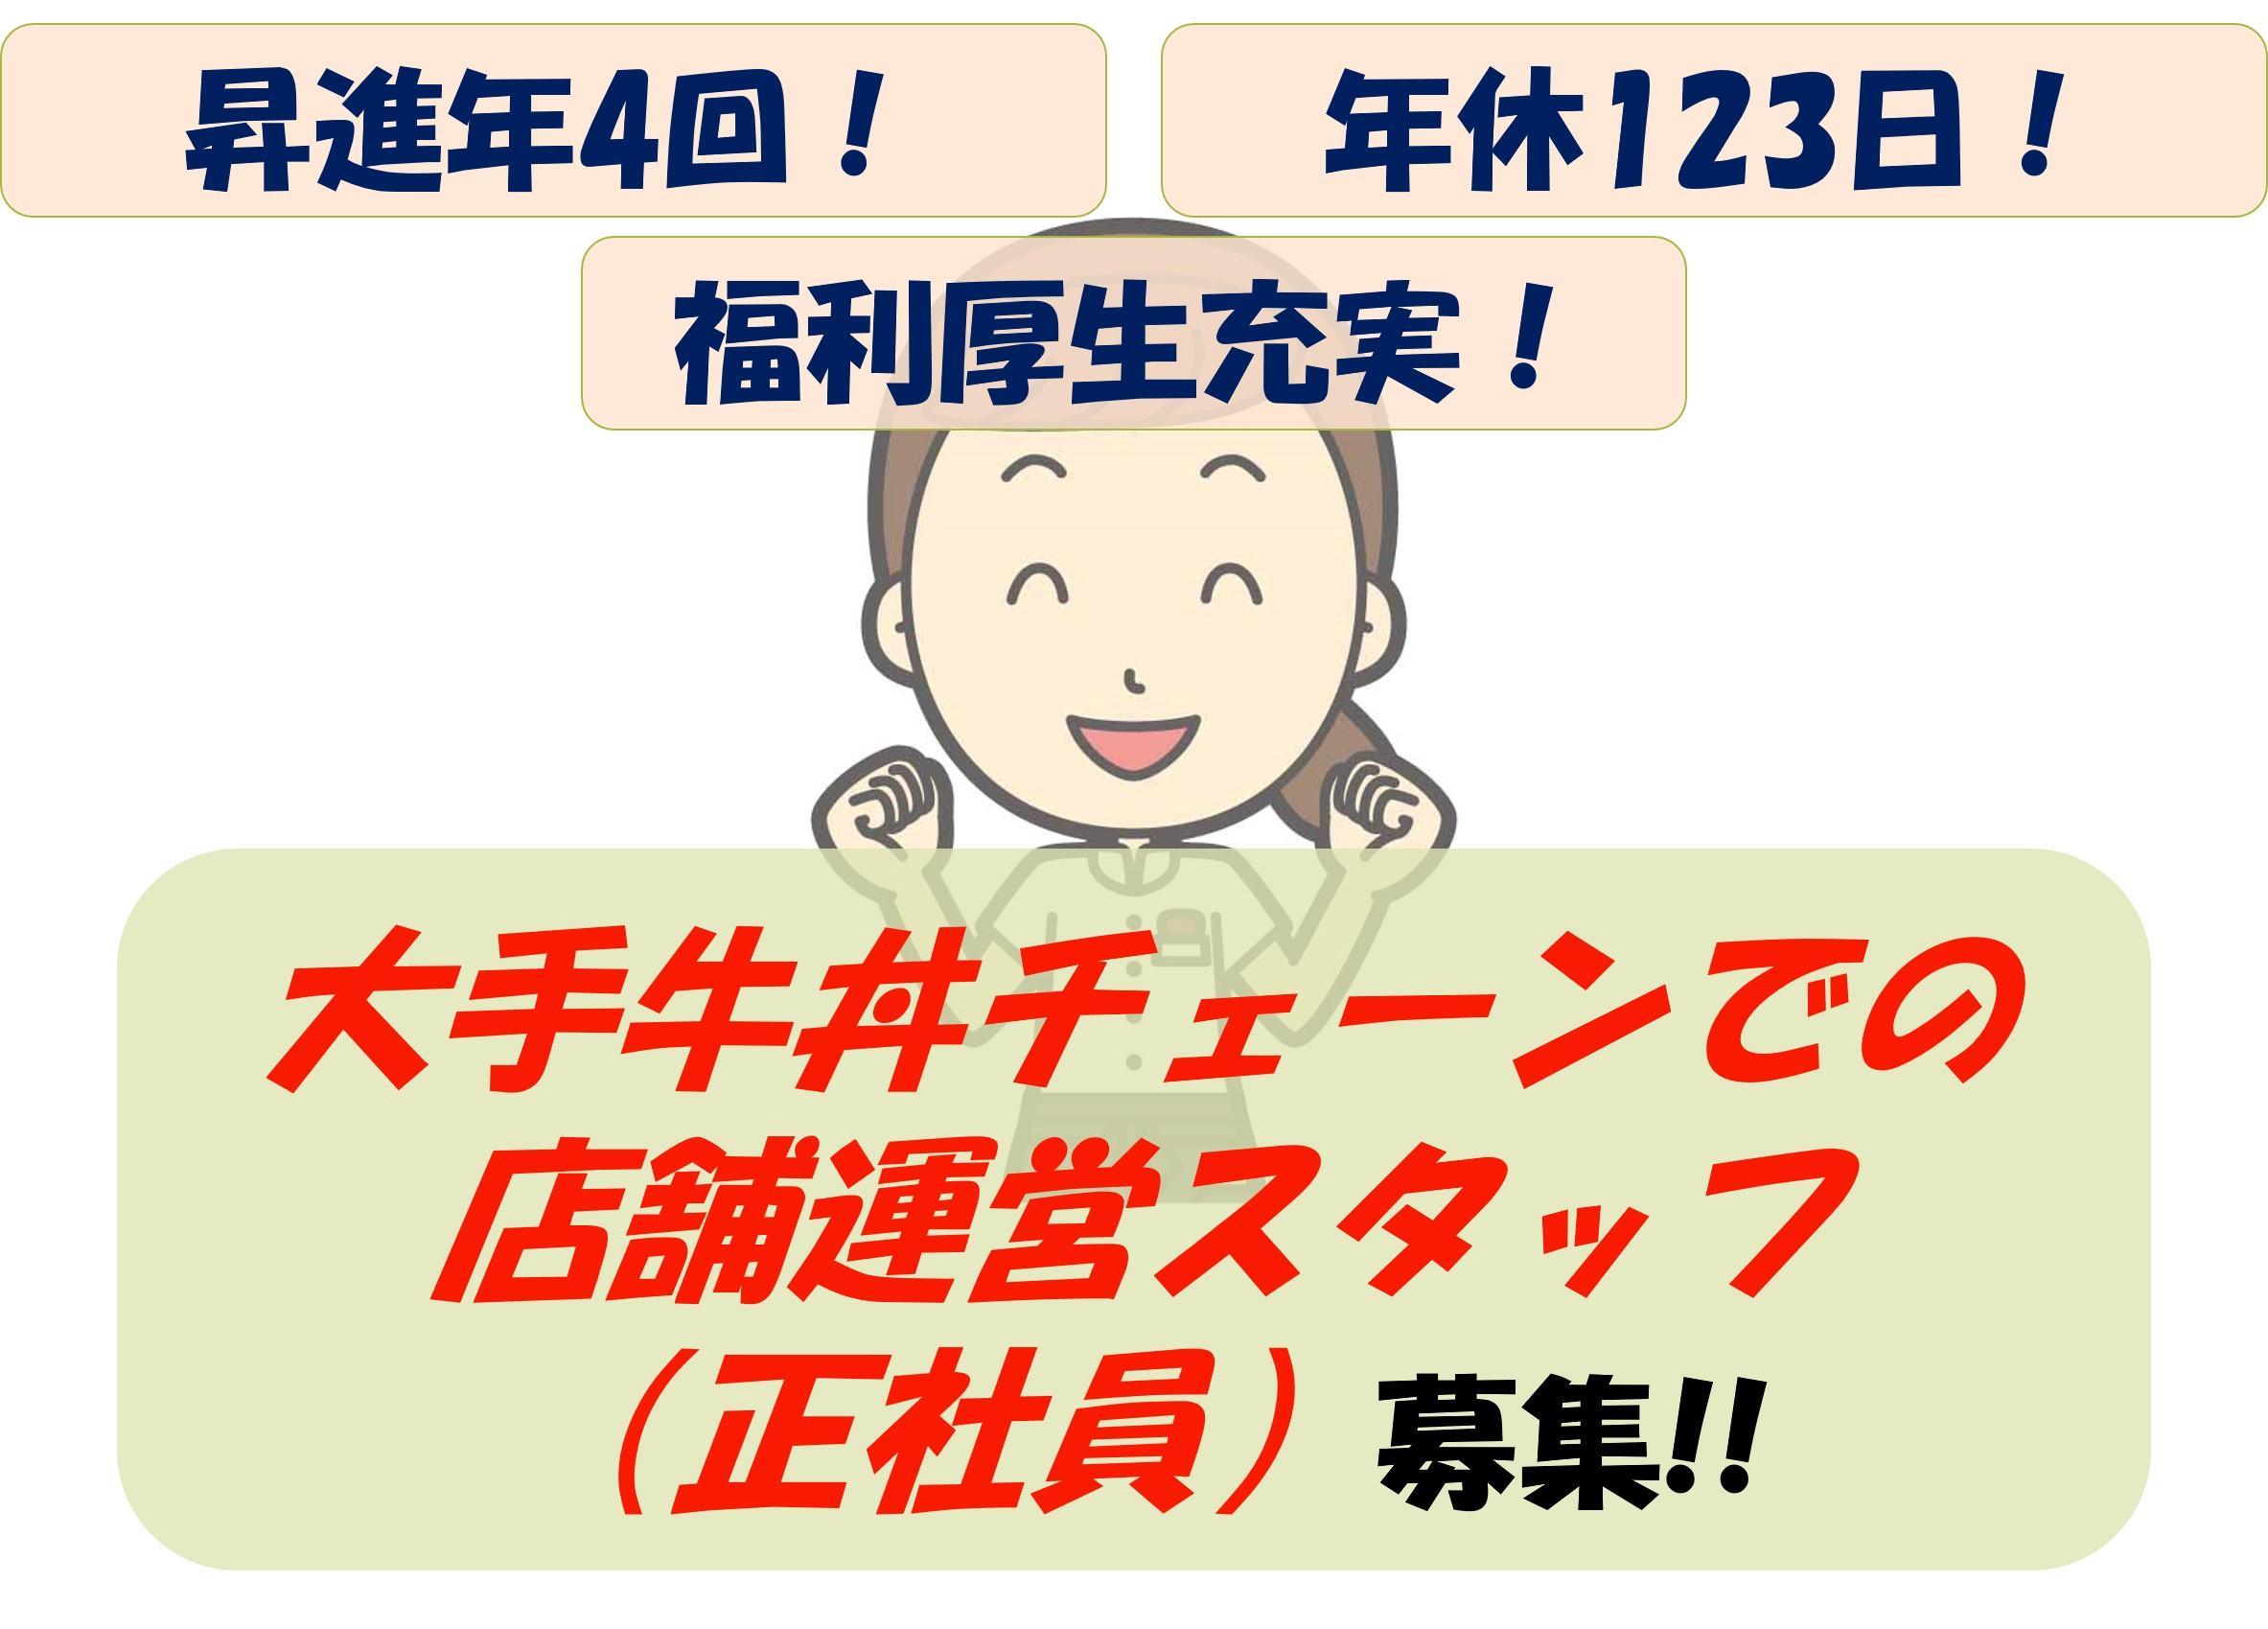 【即面談可能】育児サポートあり!昇進年4回!店舗運営スタッフ募集 イメージ